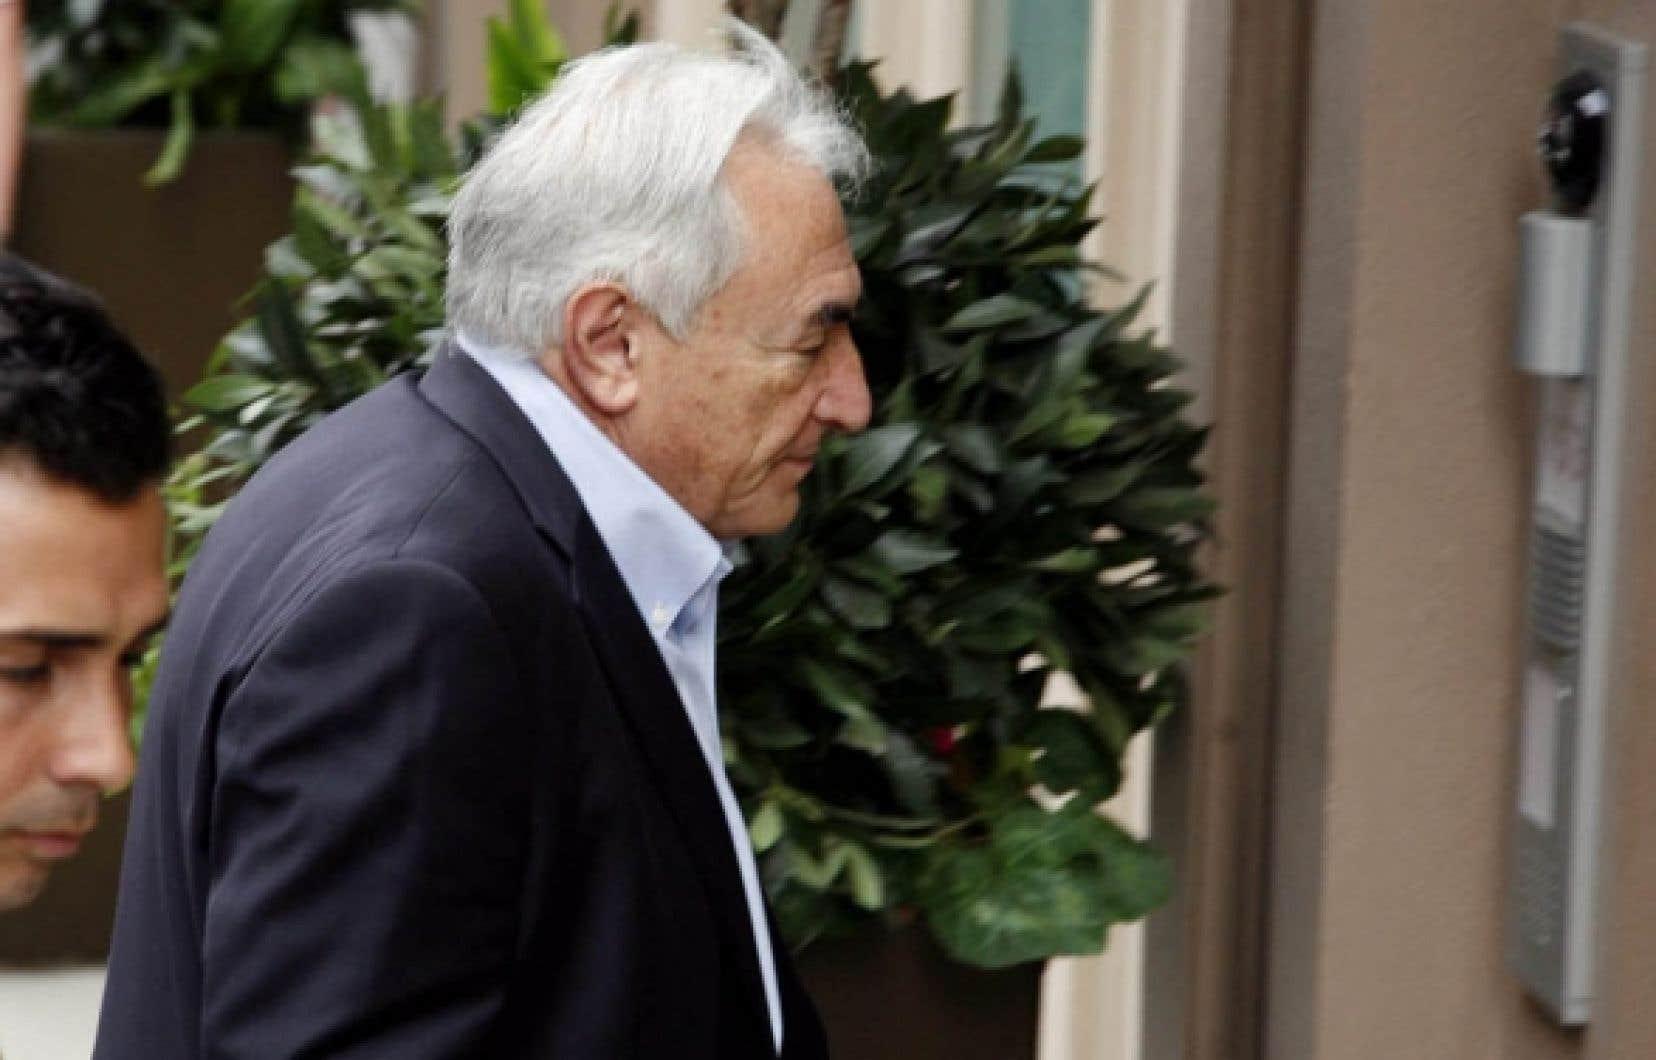 Les rebondissements n'en finissent plus autour de l'ancien grand patron du Fonds monétaire international (FMI), Dominique Strauss-Kahn.